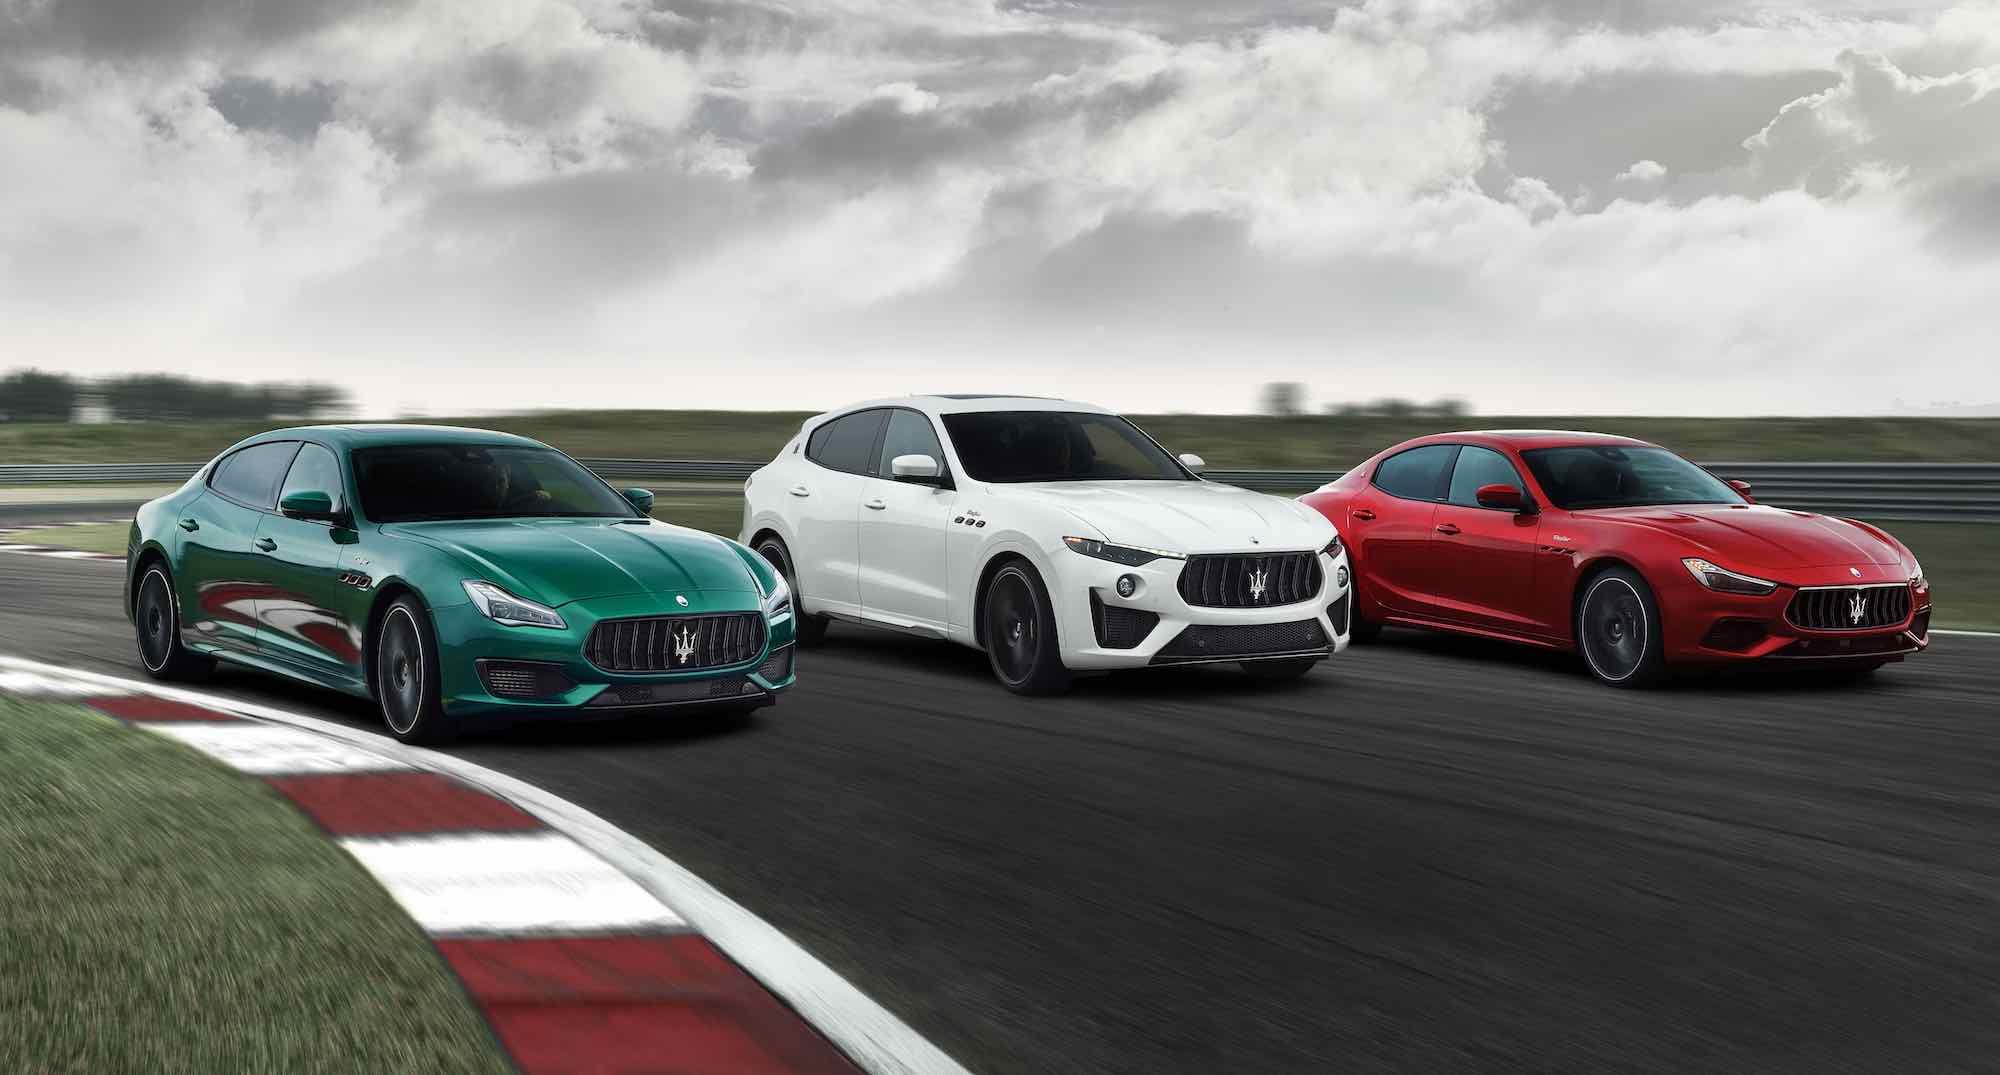 Xe Maserati Trofeo Ghibli, Levante, Quattroporte  Động cơ V8 Giá bao nhiêu